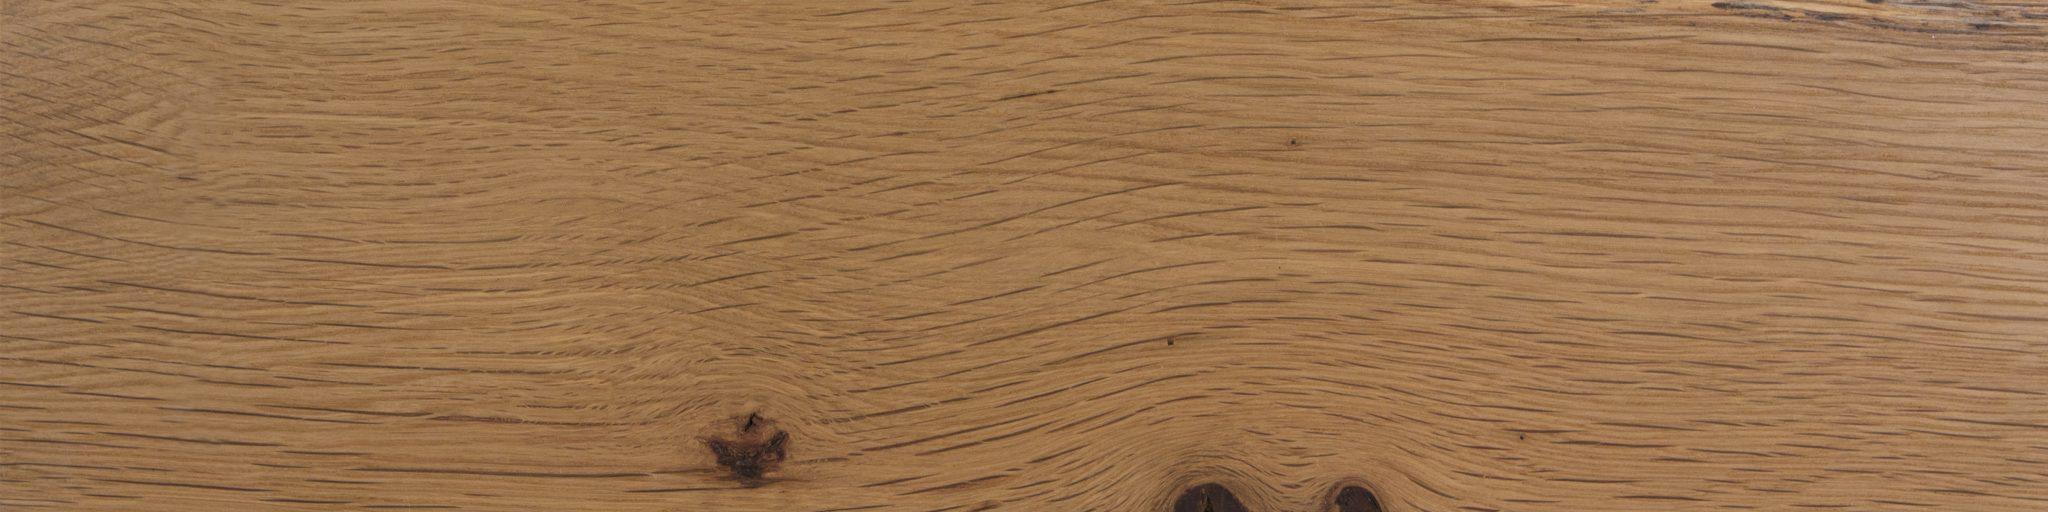 Wholesale White Oak Hardwood Flooring